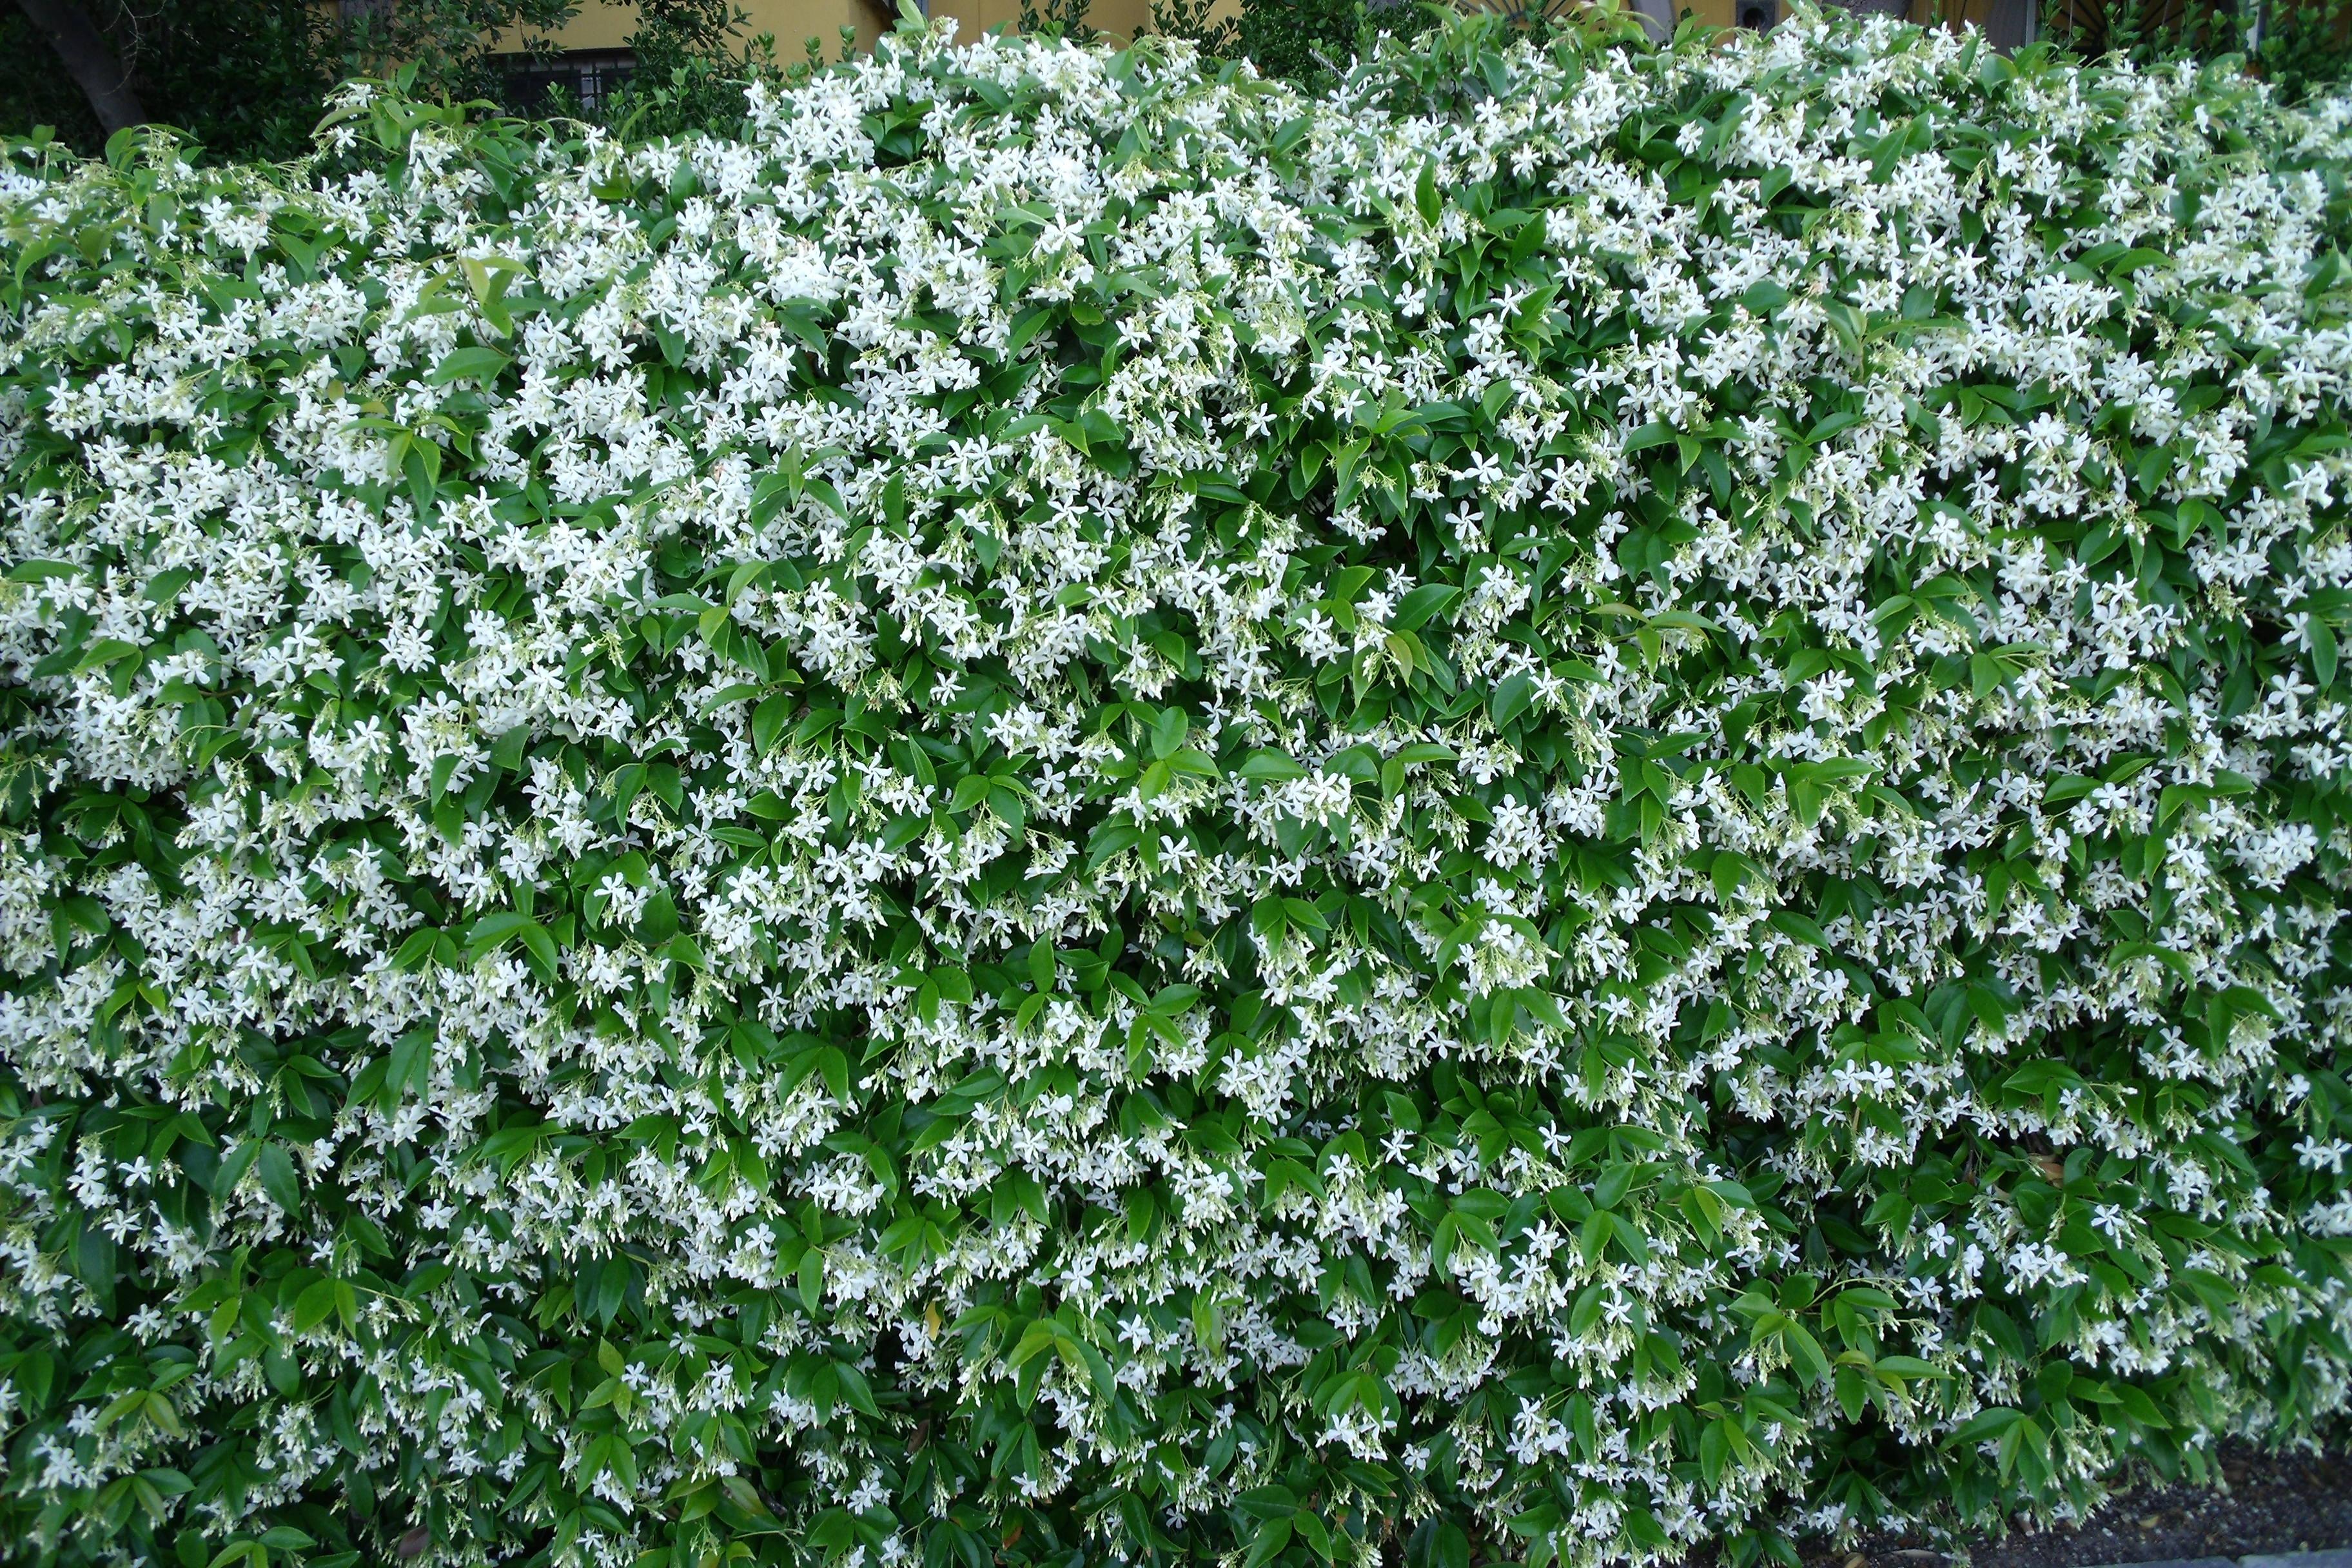 Promessa fatta winckelmann in venedig - Grossi fiori da giardino ...